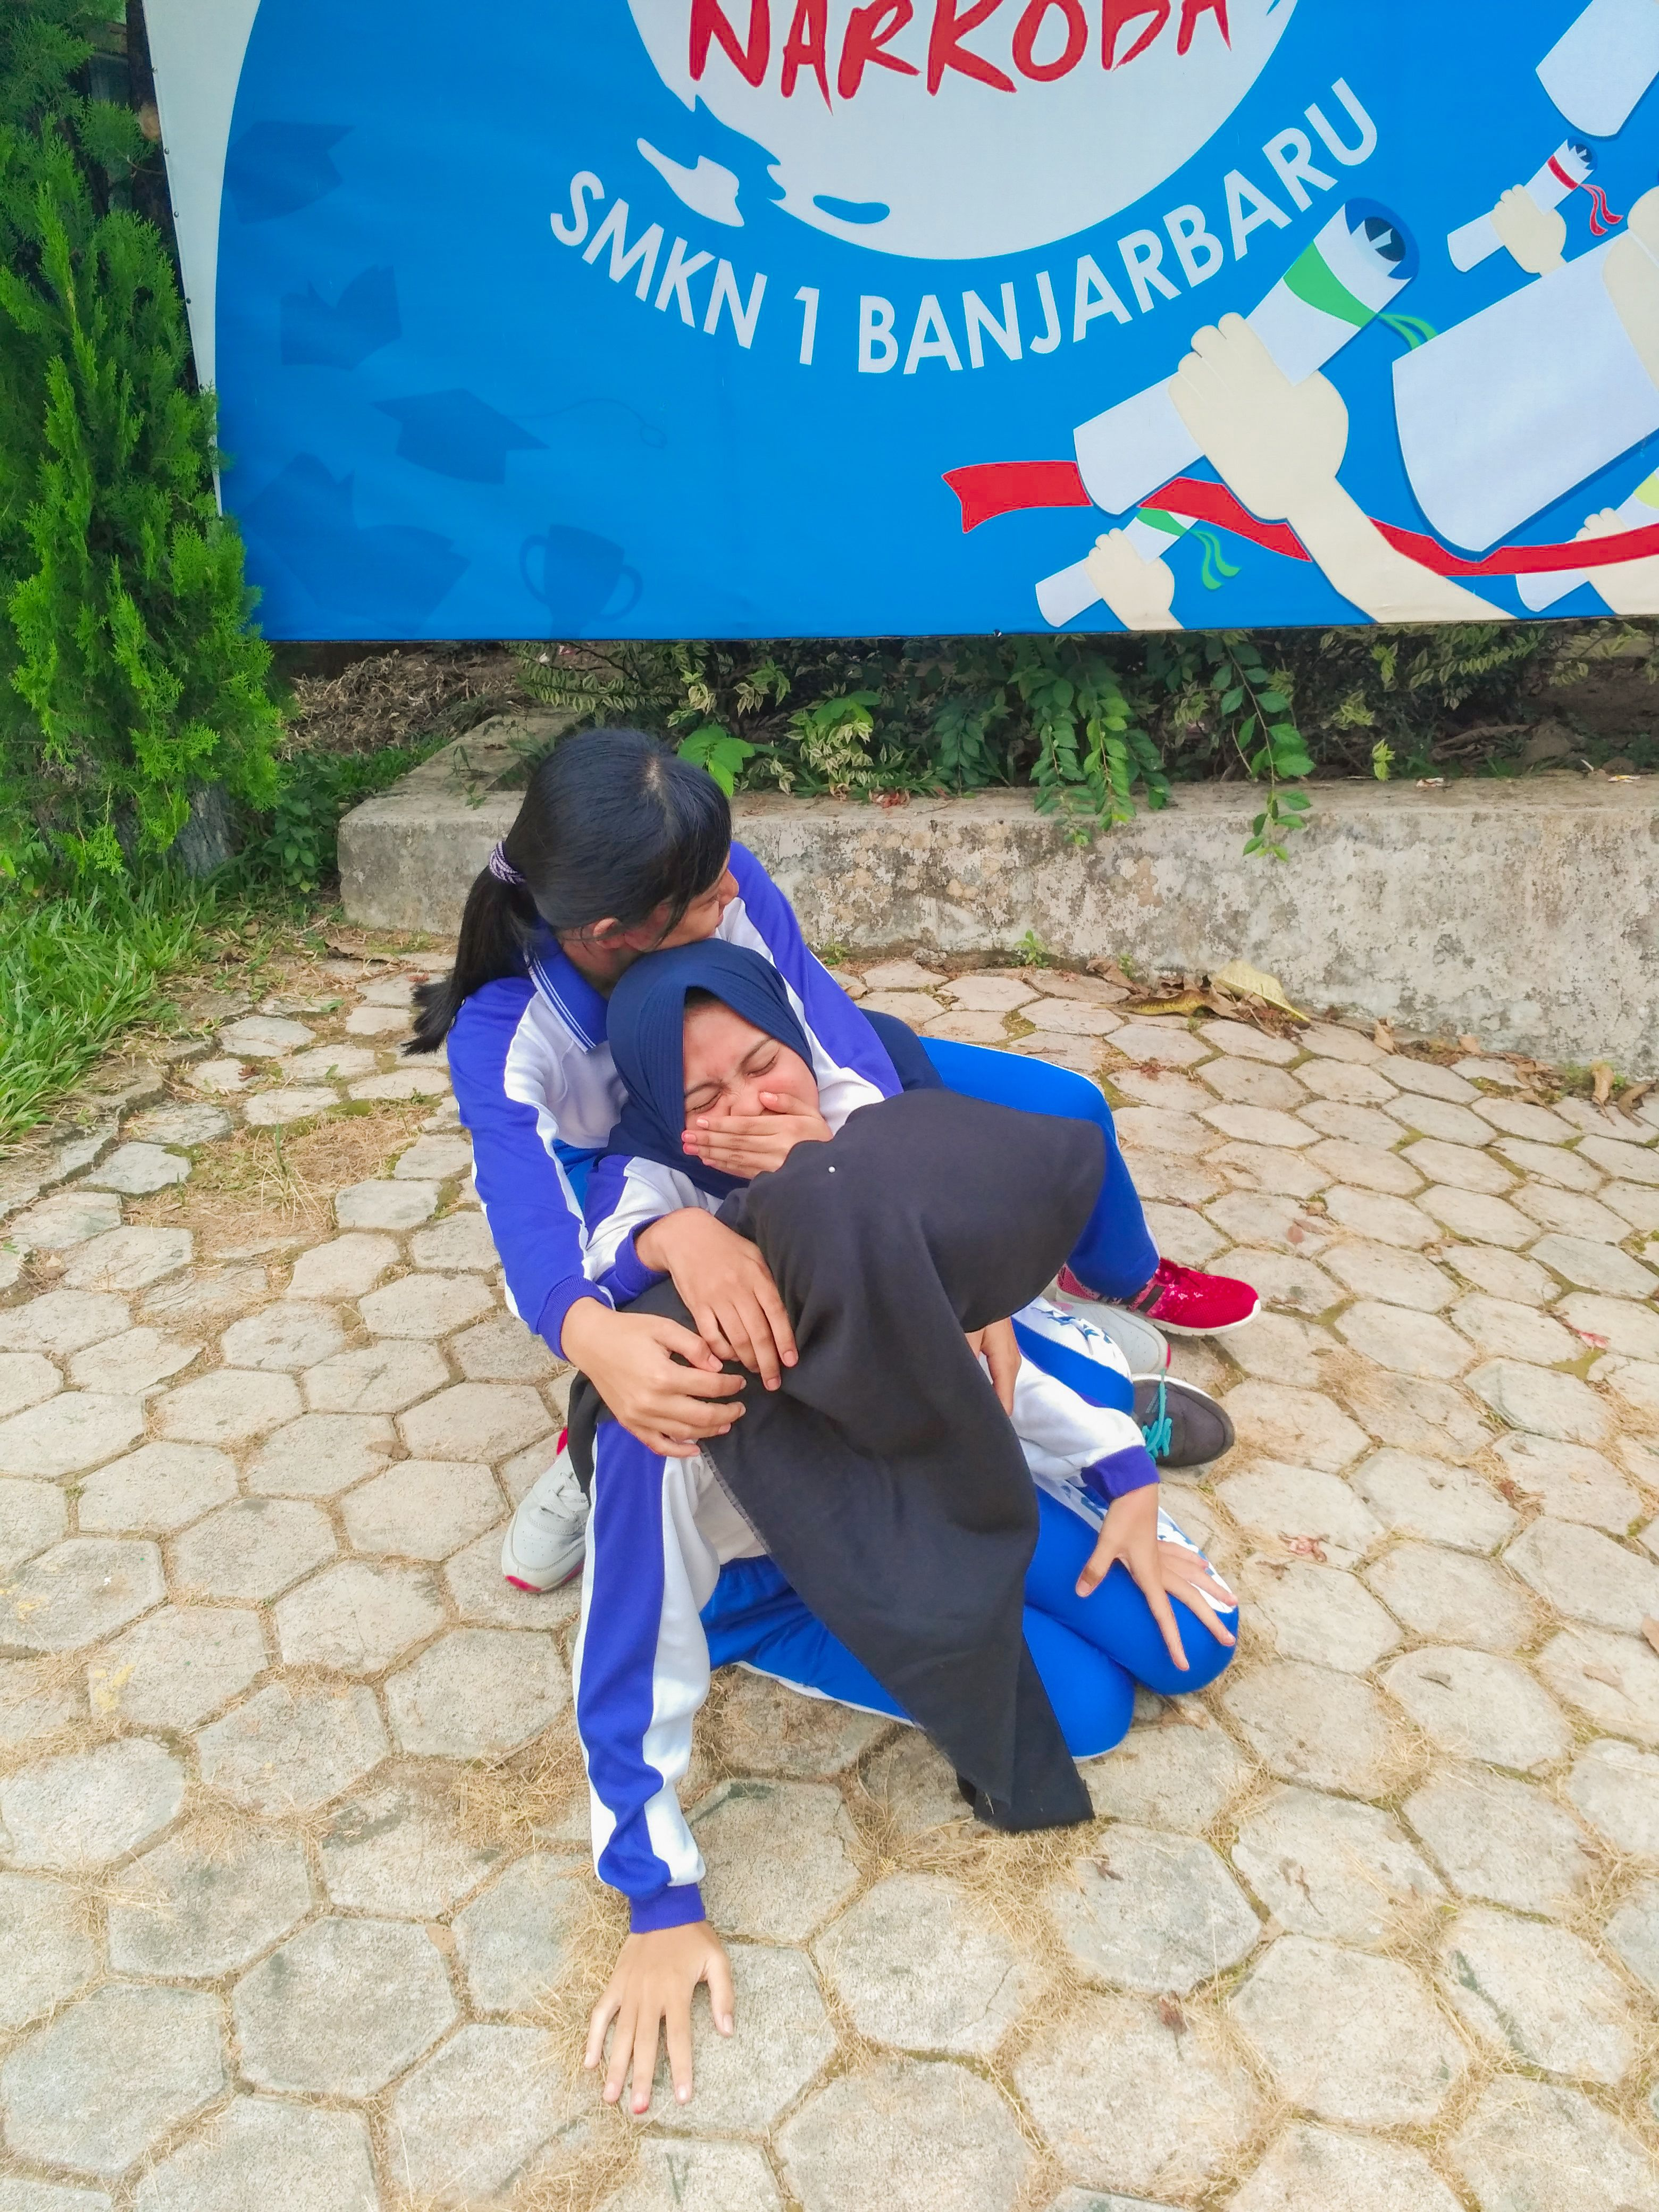 Konyol Ngakak Meme Sekolah Sma Jakarta Ciwi Cewe